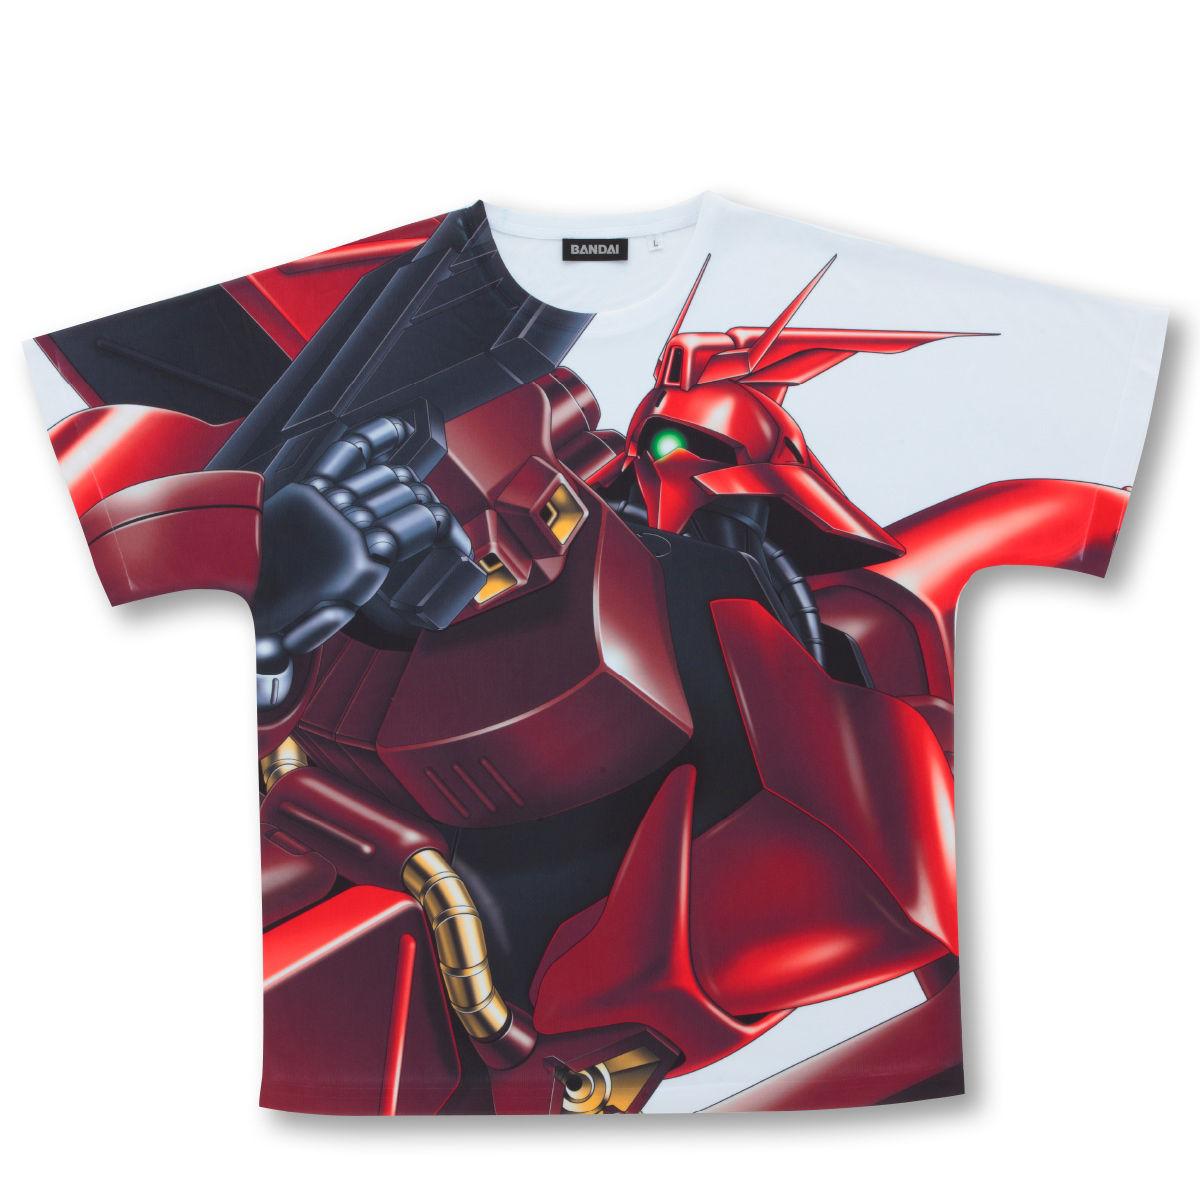 機動戰士鋼彈 逆襲的夏亞 全版大圖T恤 MSN-04 沙薩比